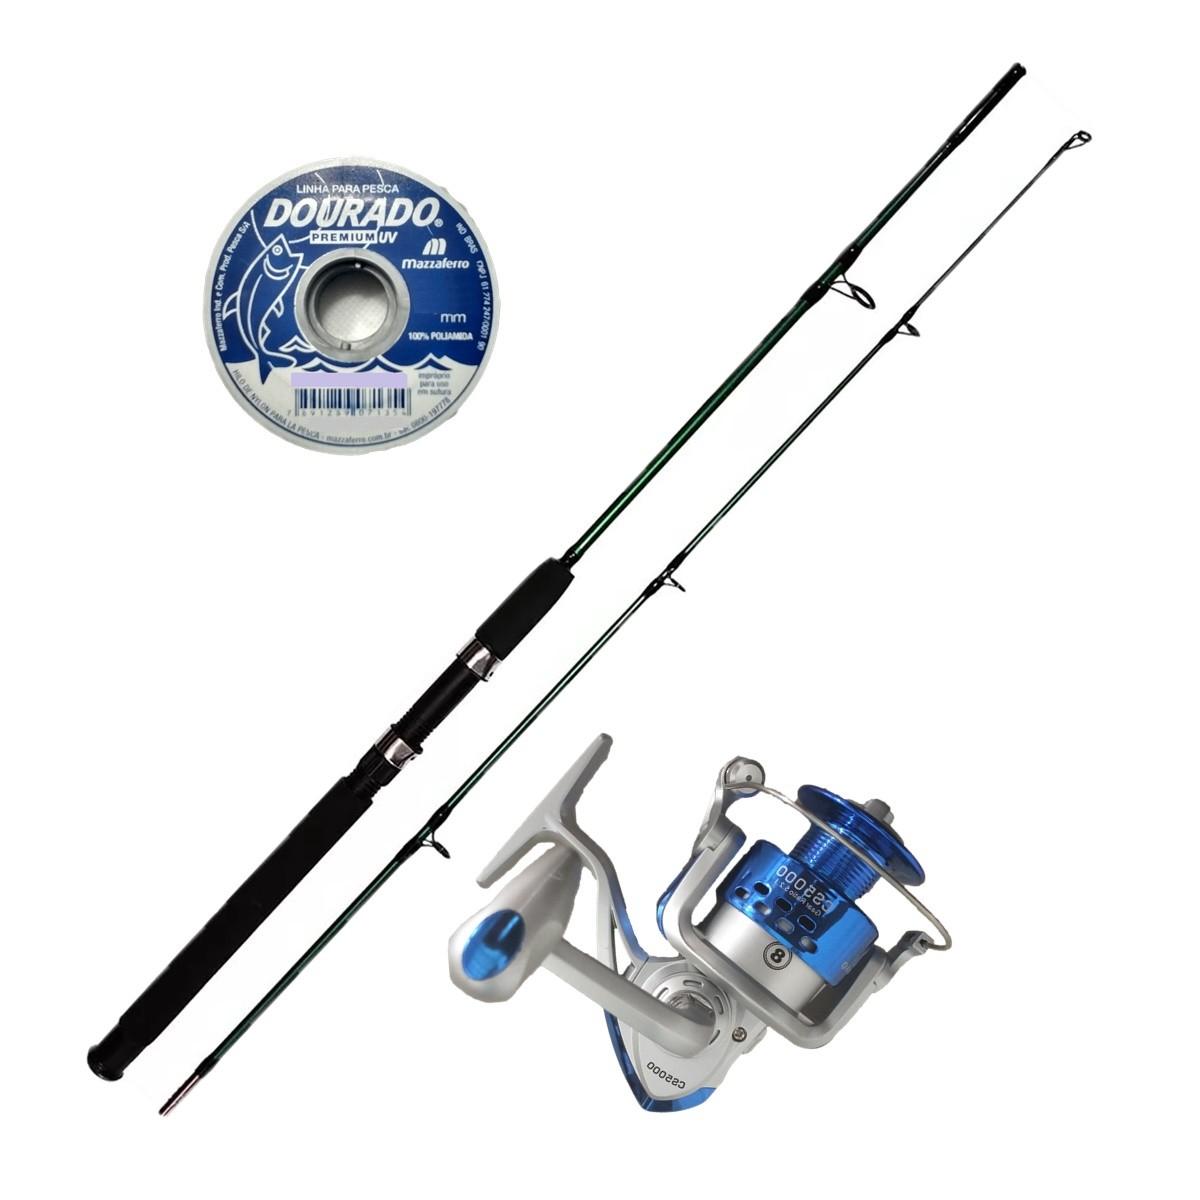 Vara De Pescar Completa 1,70 Molinete 3 Rolamentos Linha